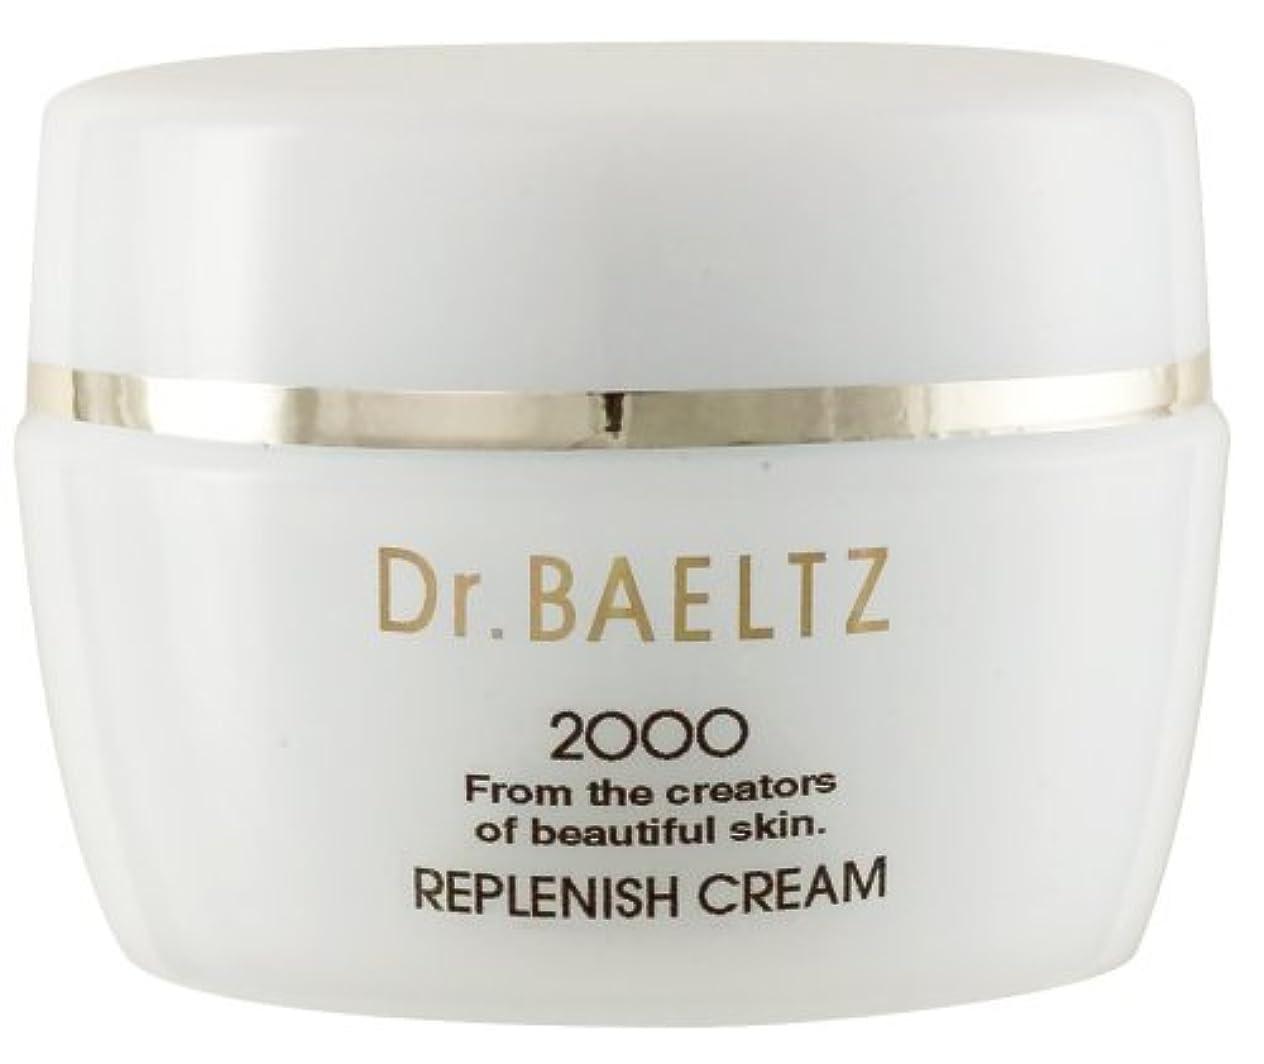 カメラ骨髄影響ドクターベルツ(Dr.BAELTZ) リプレニッシュクリーム 40g(保湿クリーム)